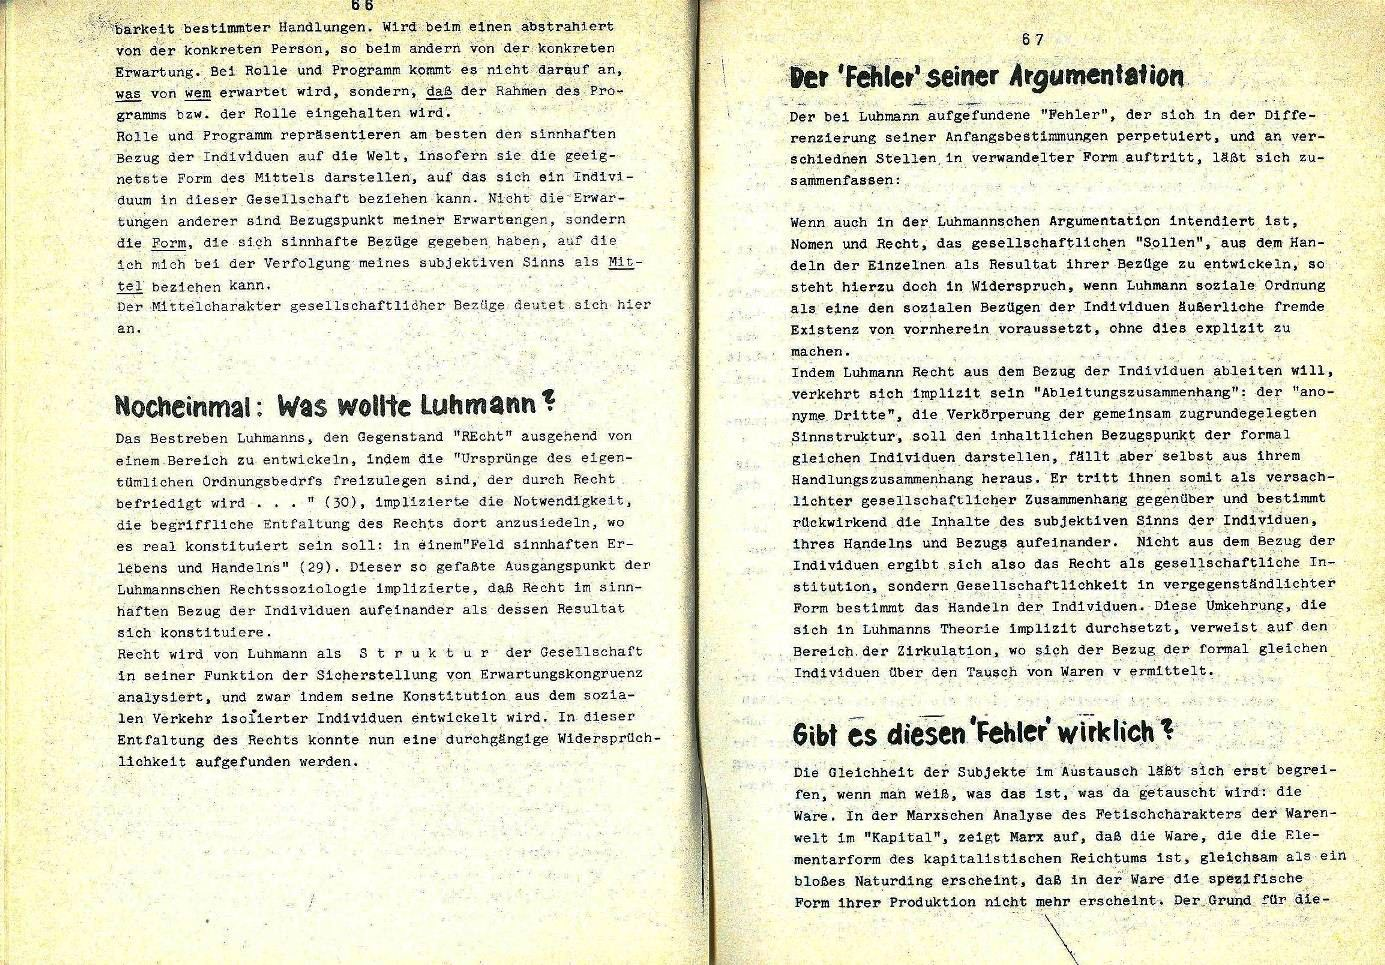 Muenchen_AK_Sozialistisches_Studium035